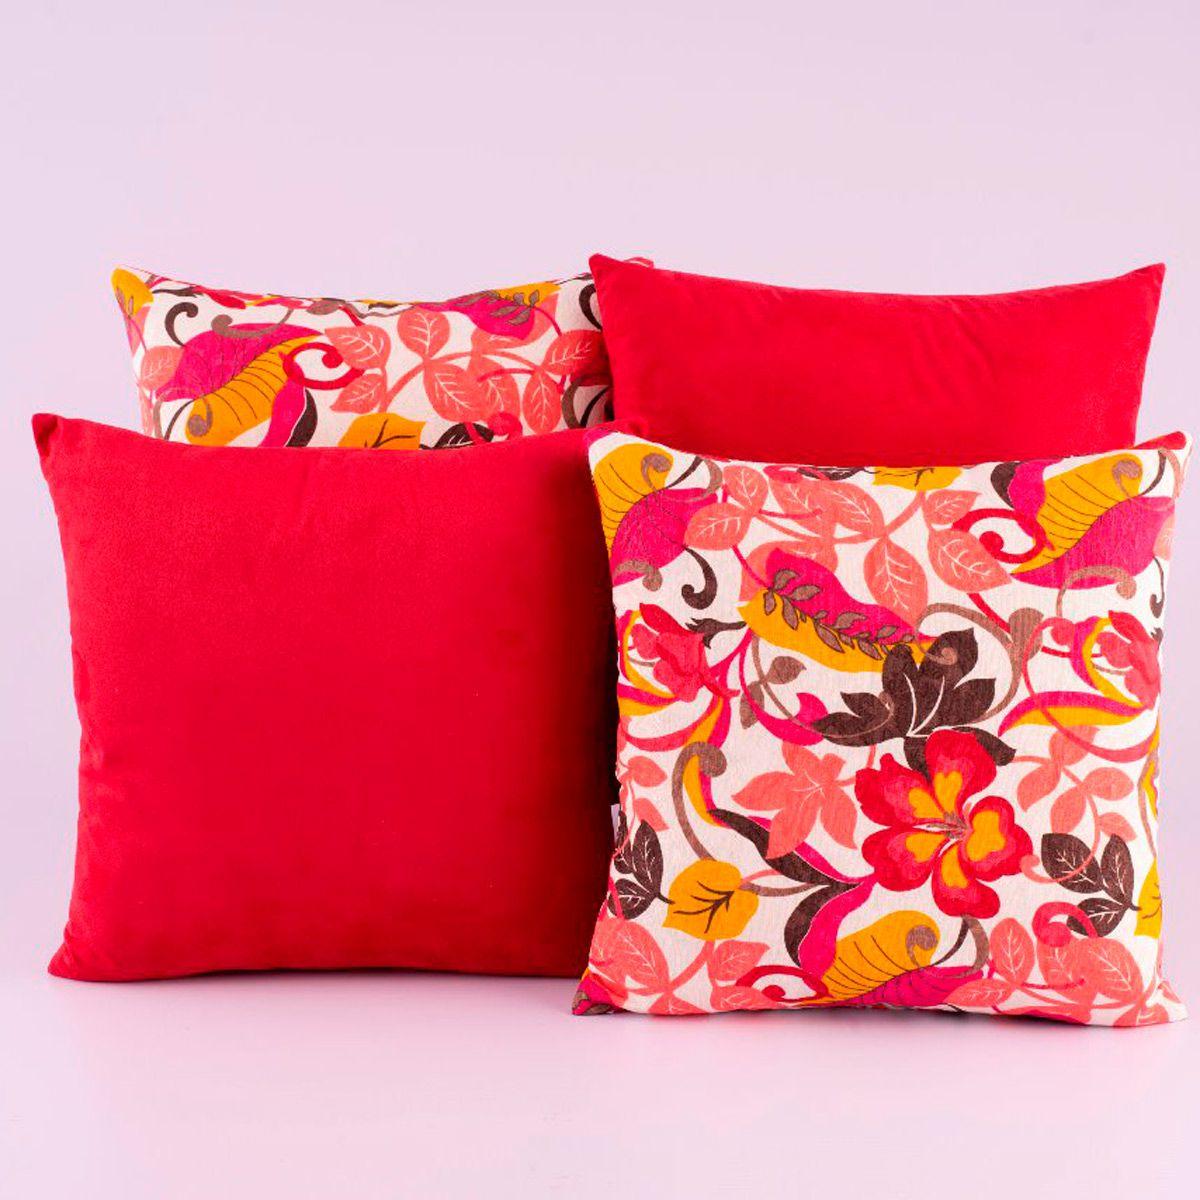 Kit c/ 4 Almofadas Cheias Decorativas Vermelho Floral Colorido 04 Peças c/ Refil